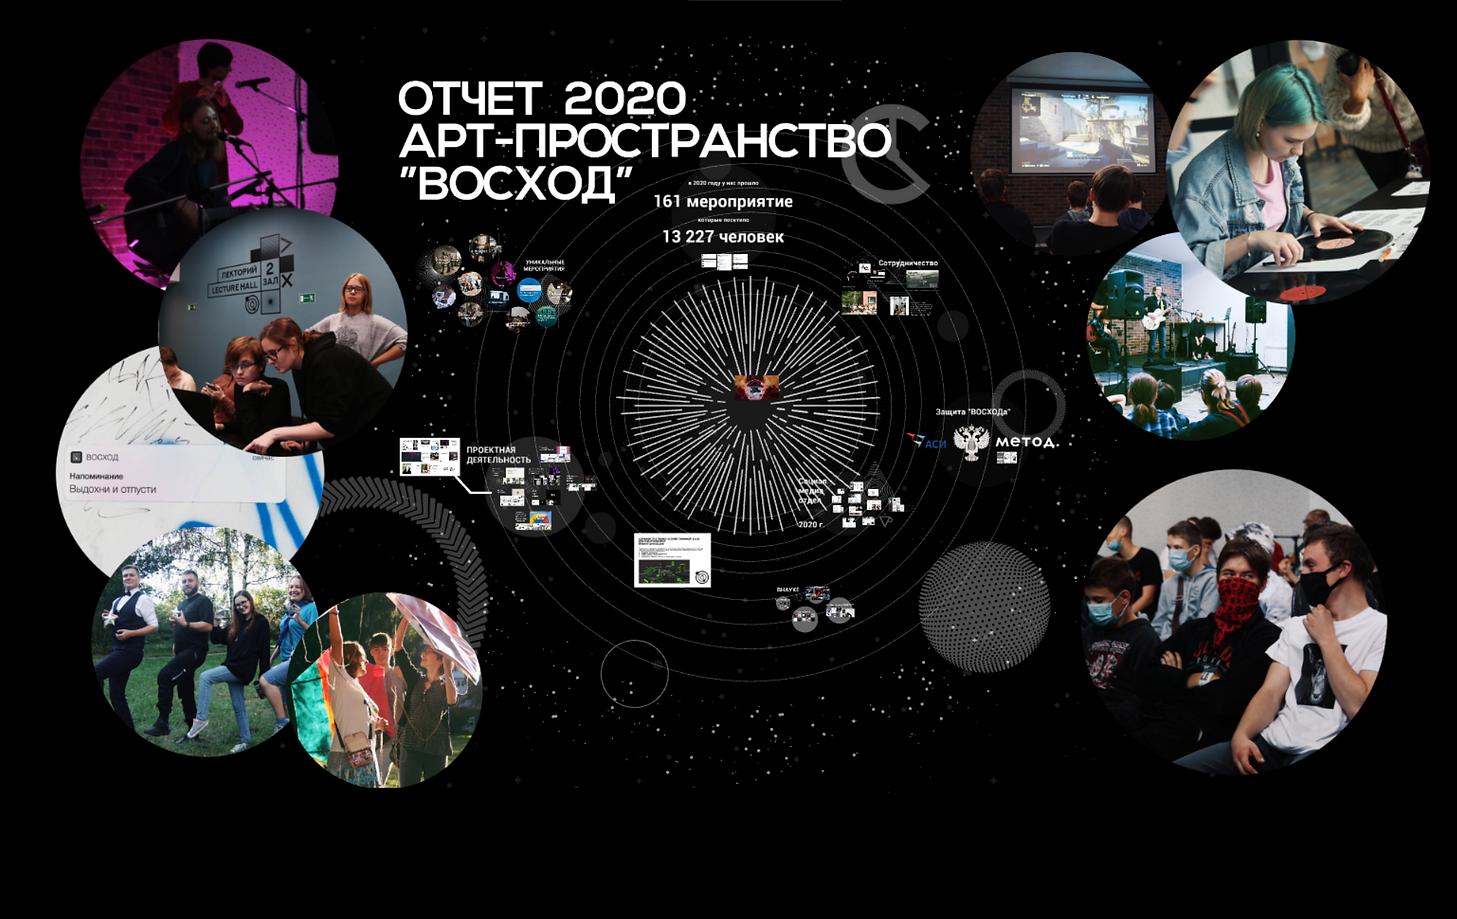 Отчёт Арт-пространства 2020. Постер.png